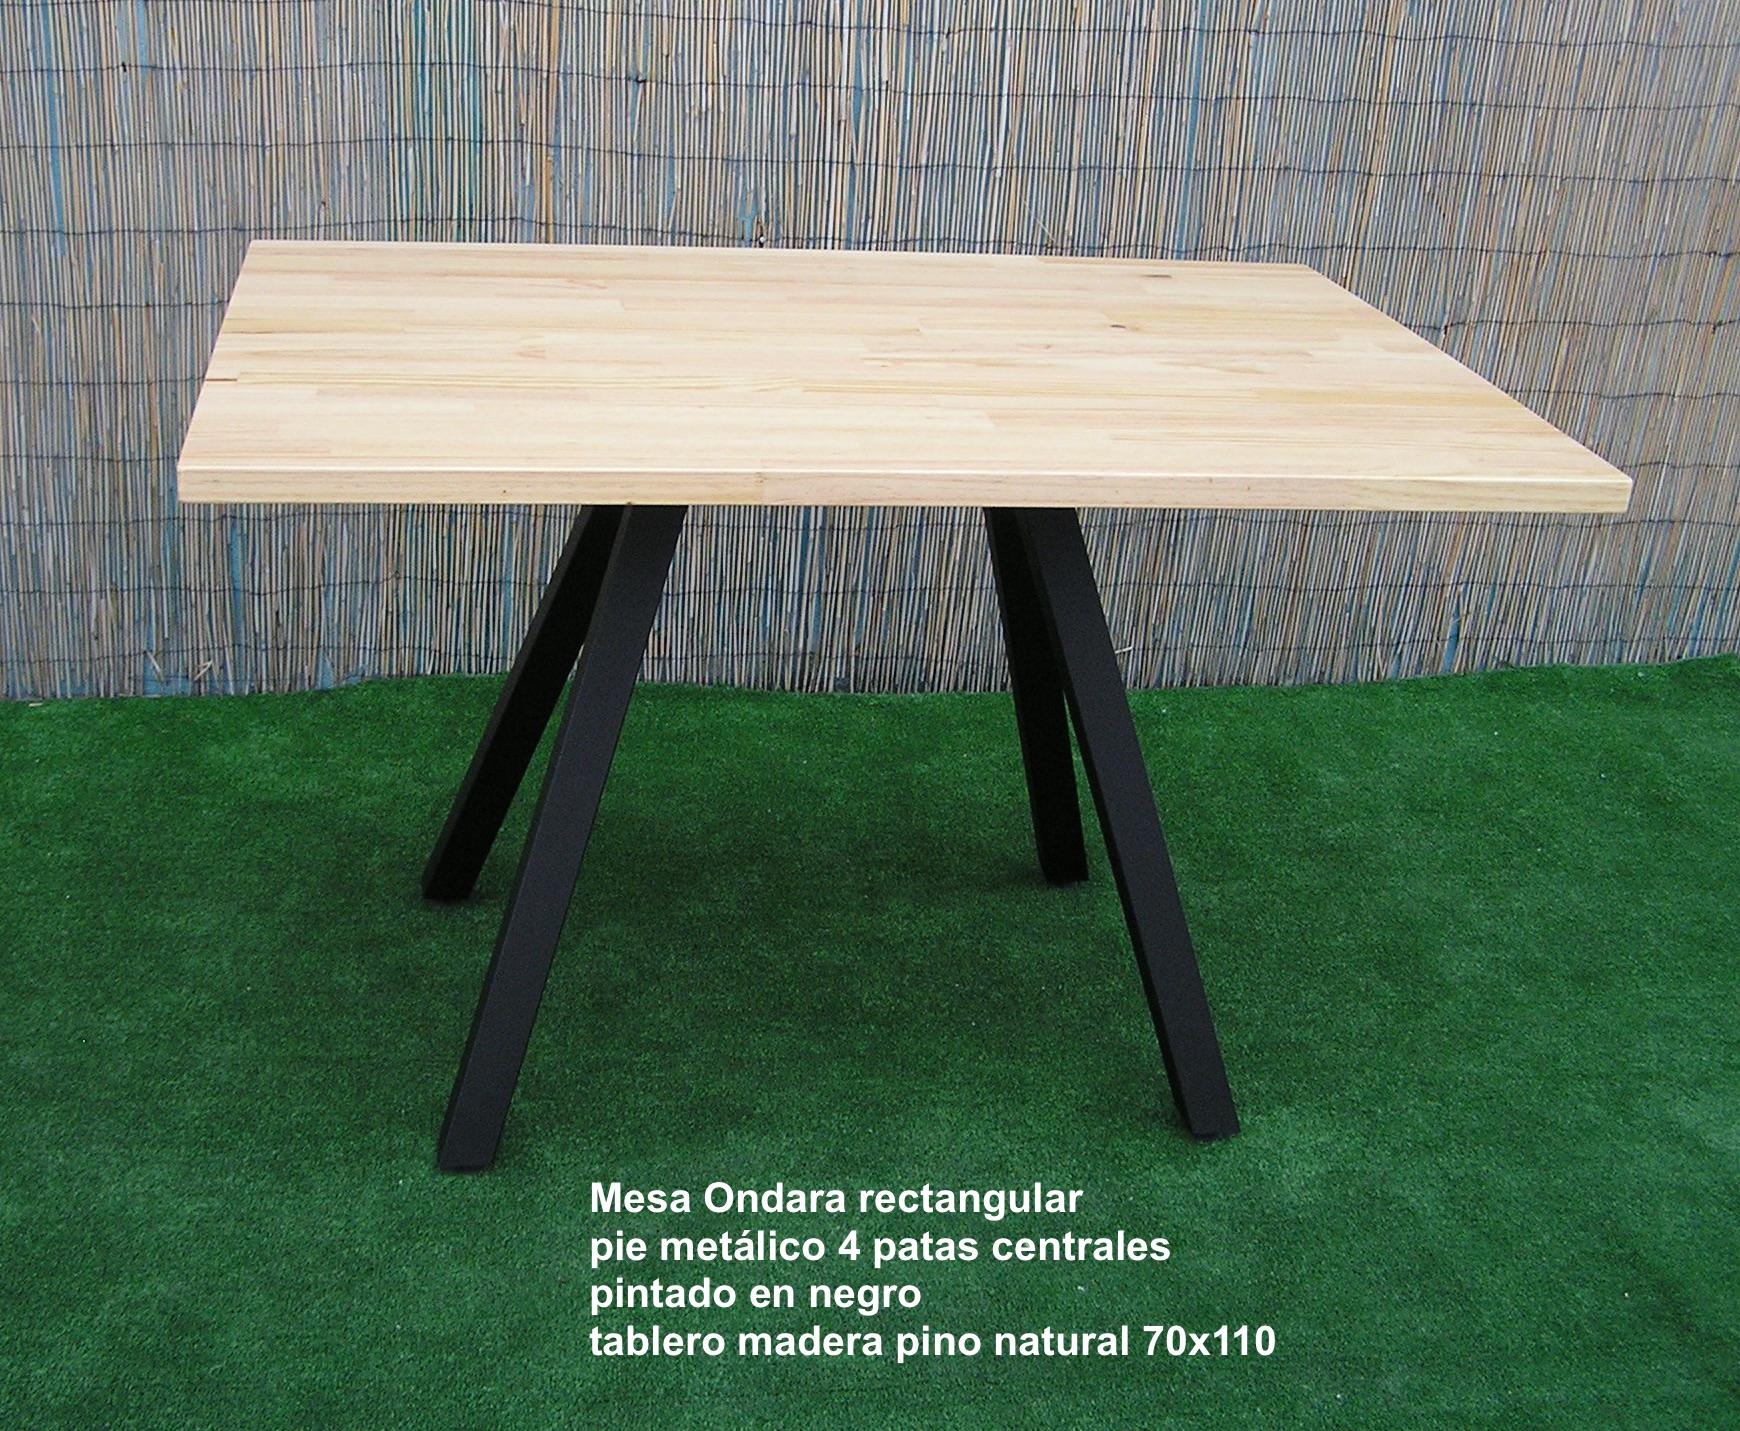 Mesa Ondara rectangular